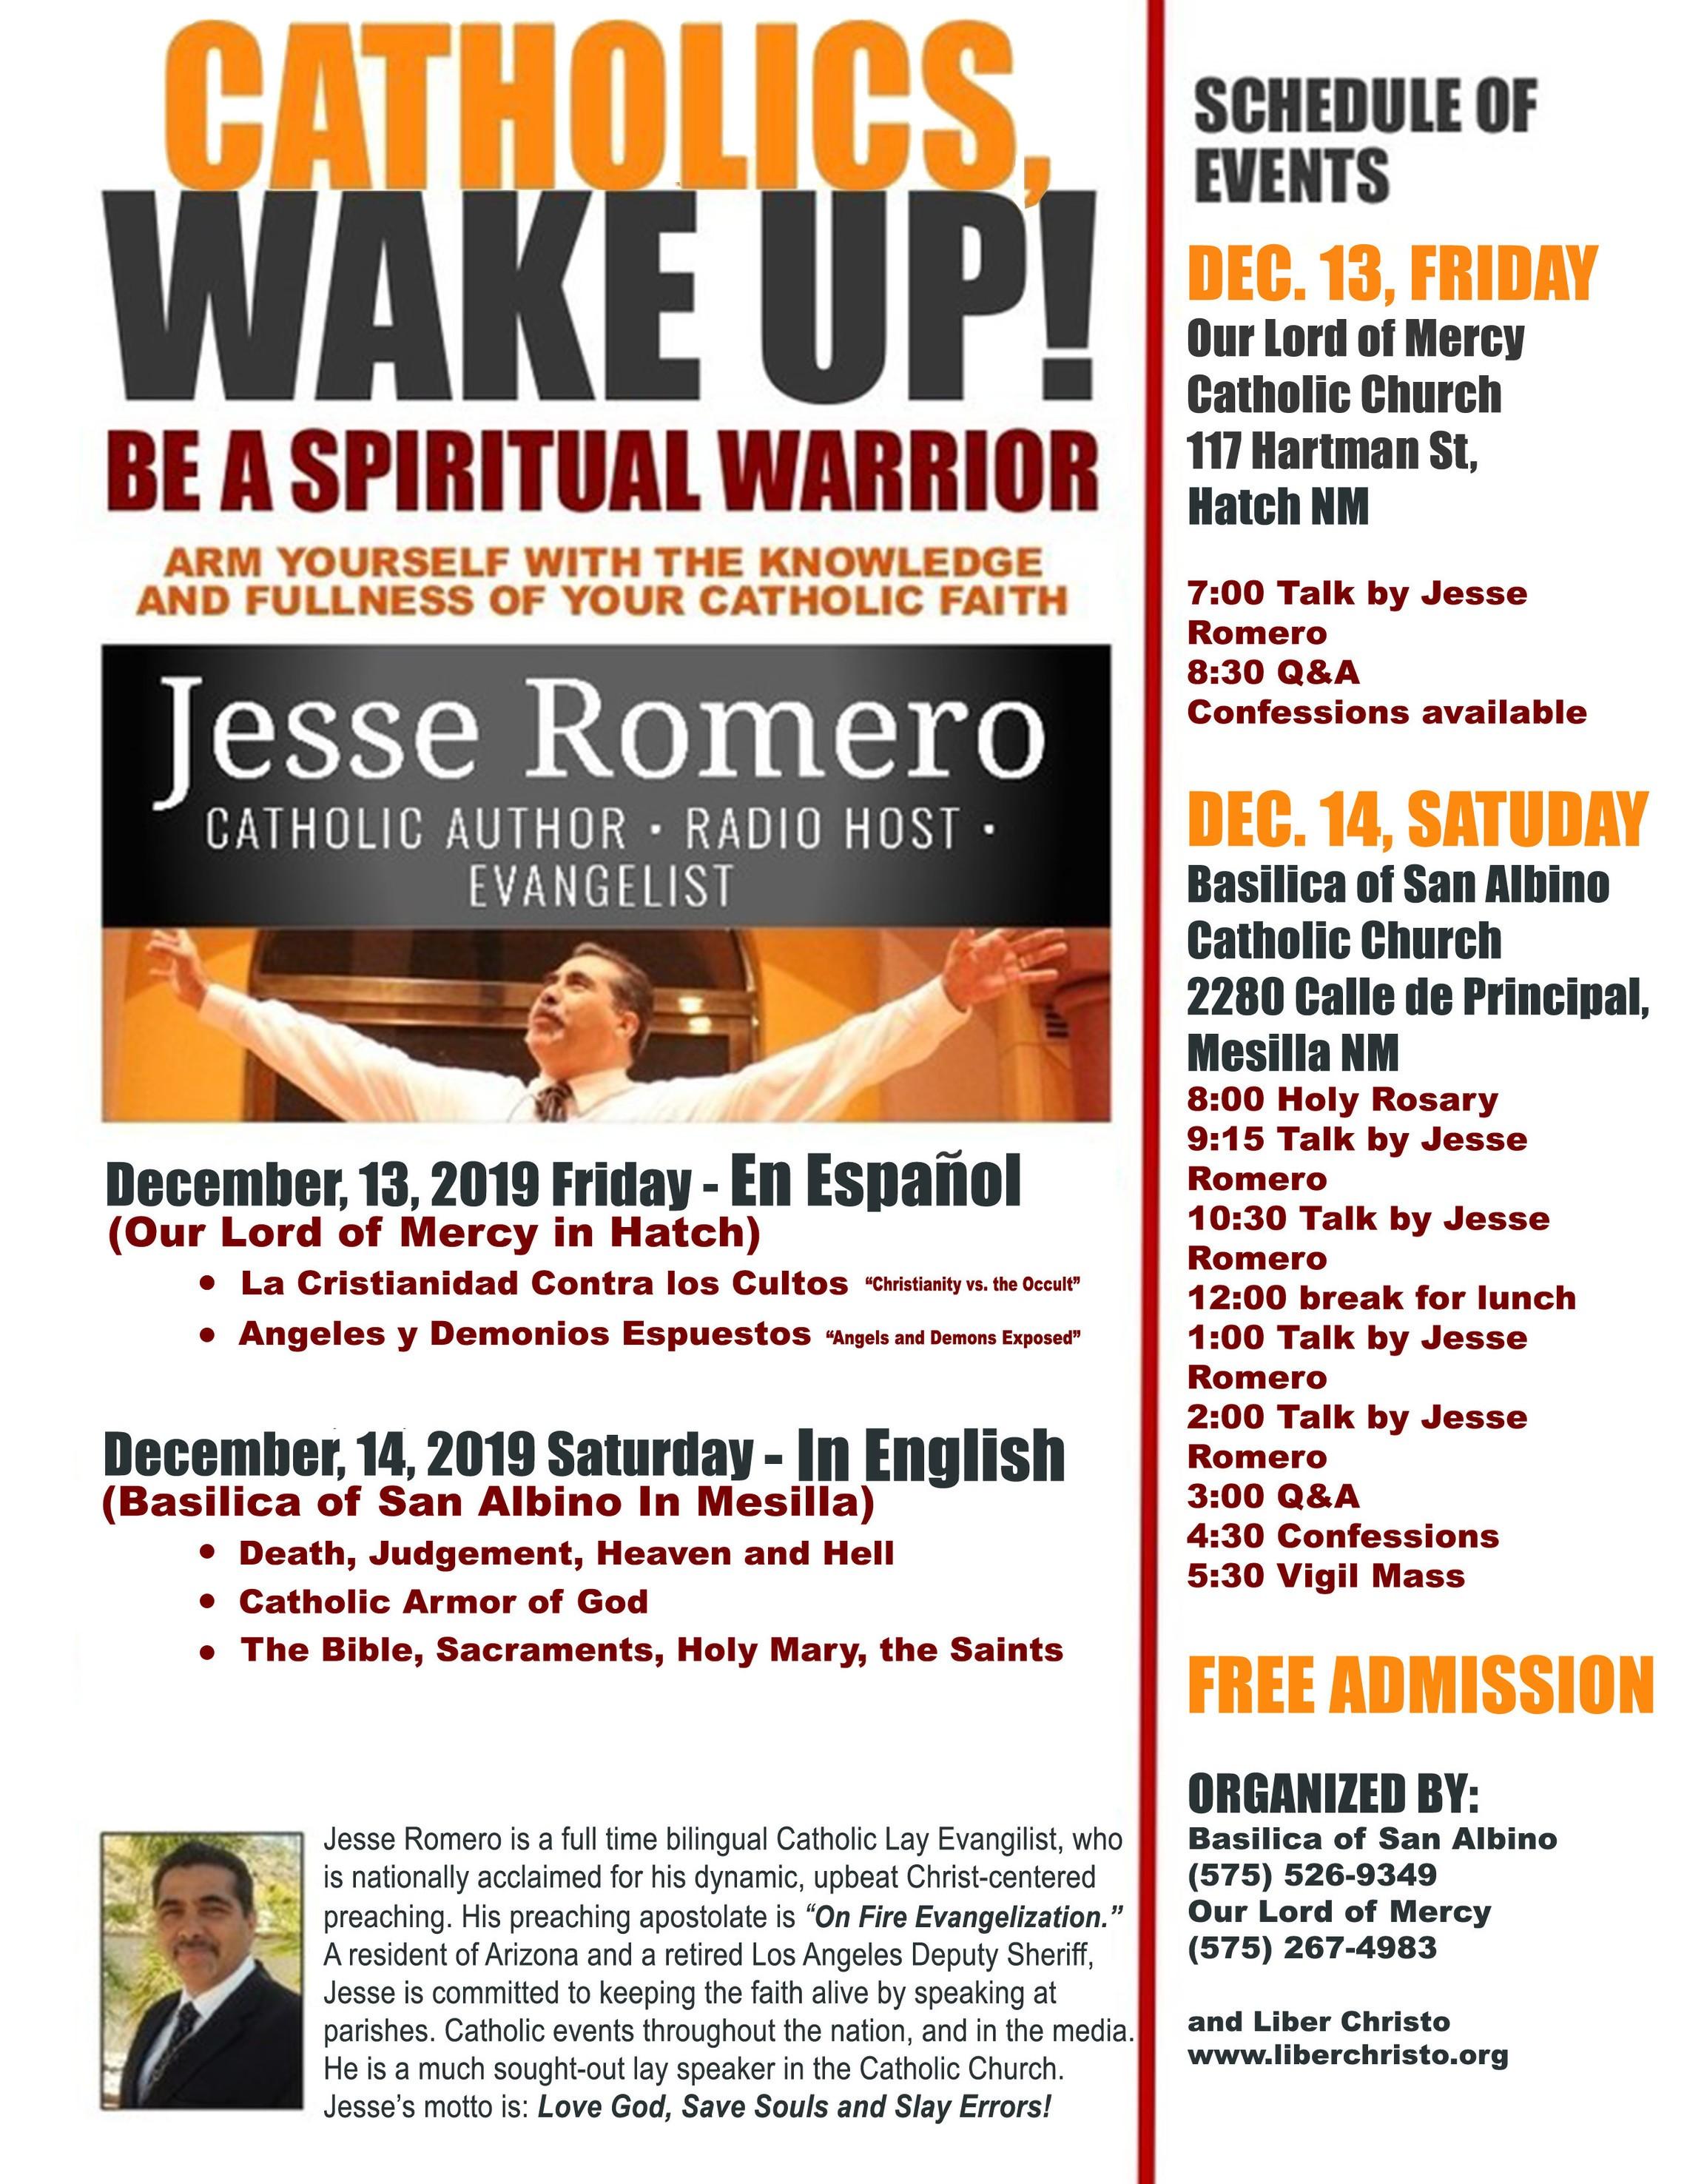 Jesse Romero New Mexico Flyer